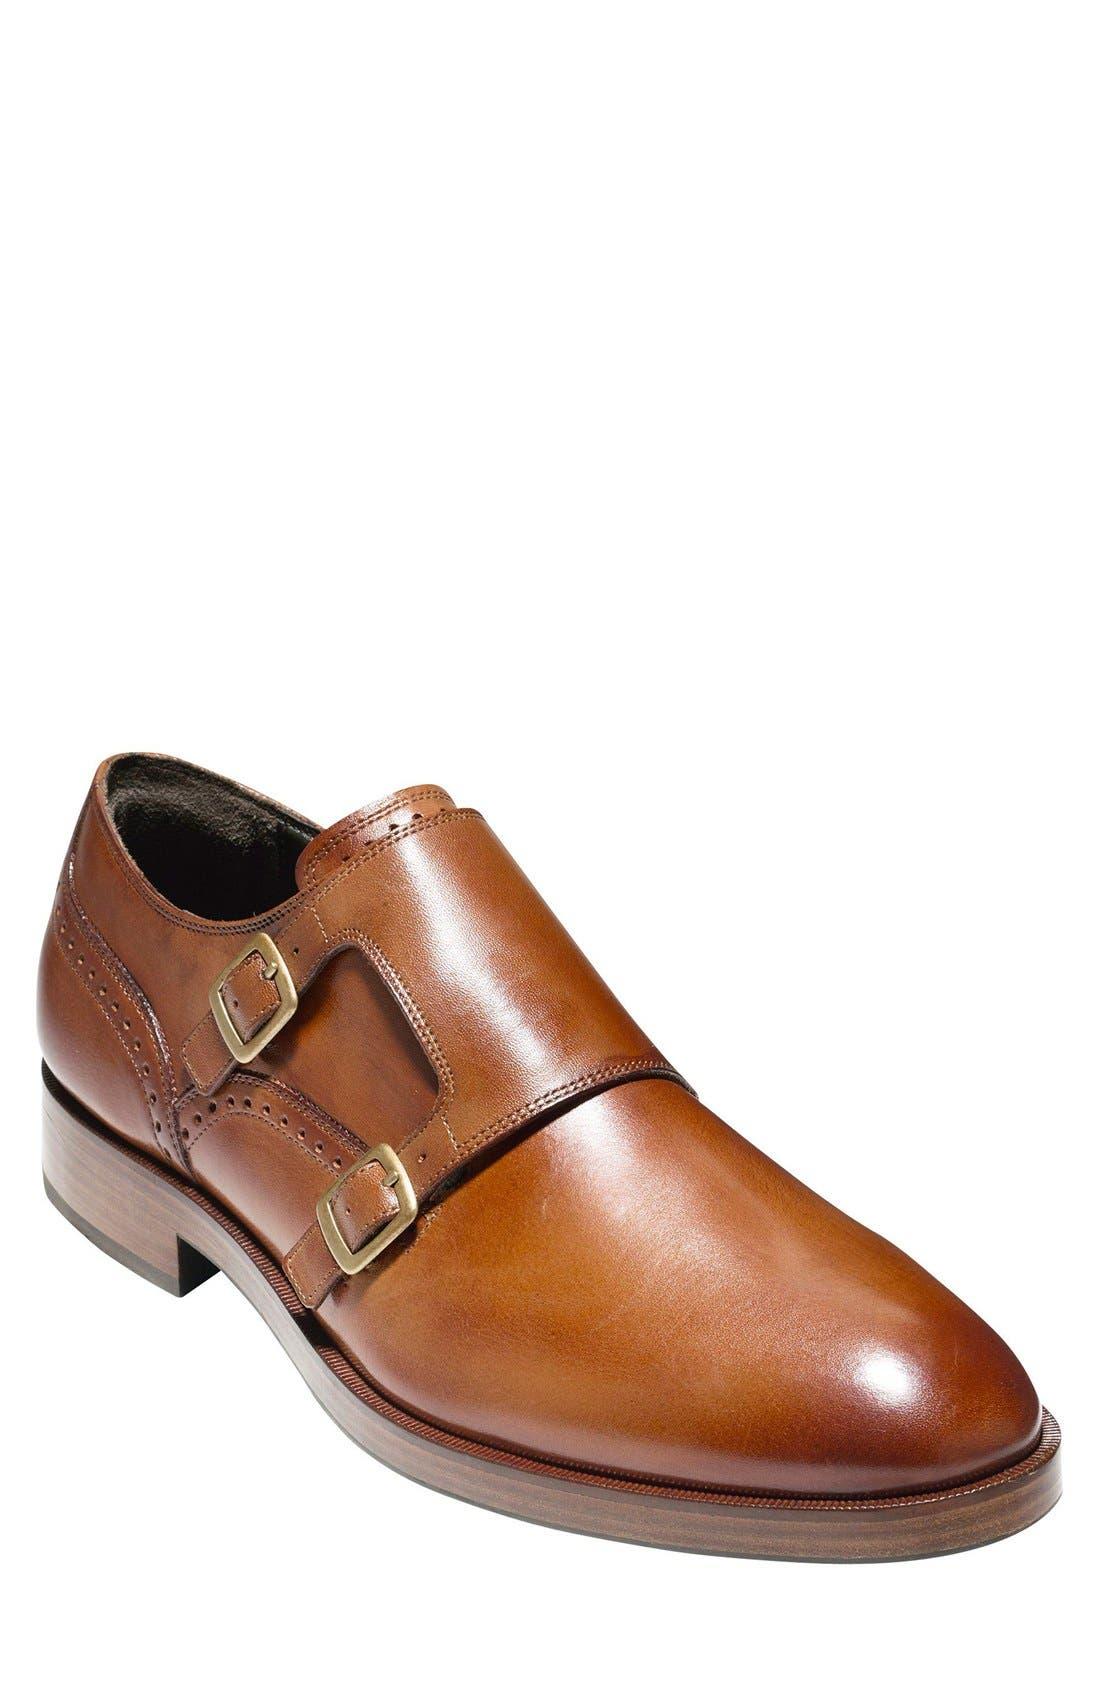 Main Image - Cole Haan 'Harrison' Double Monk Strap Shoe (Men)